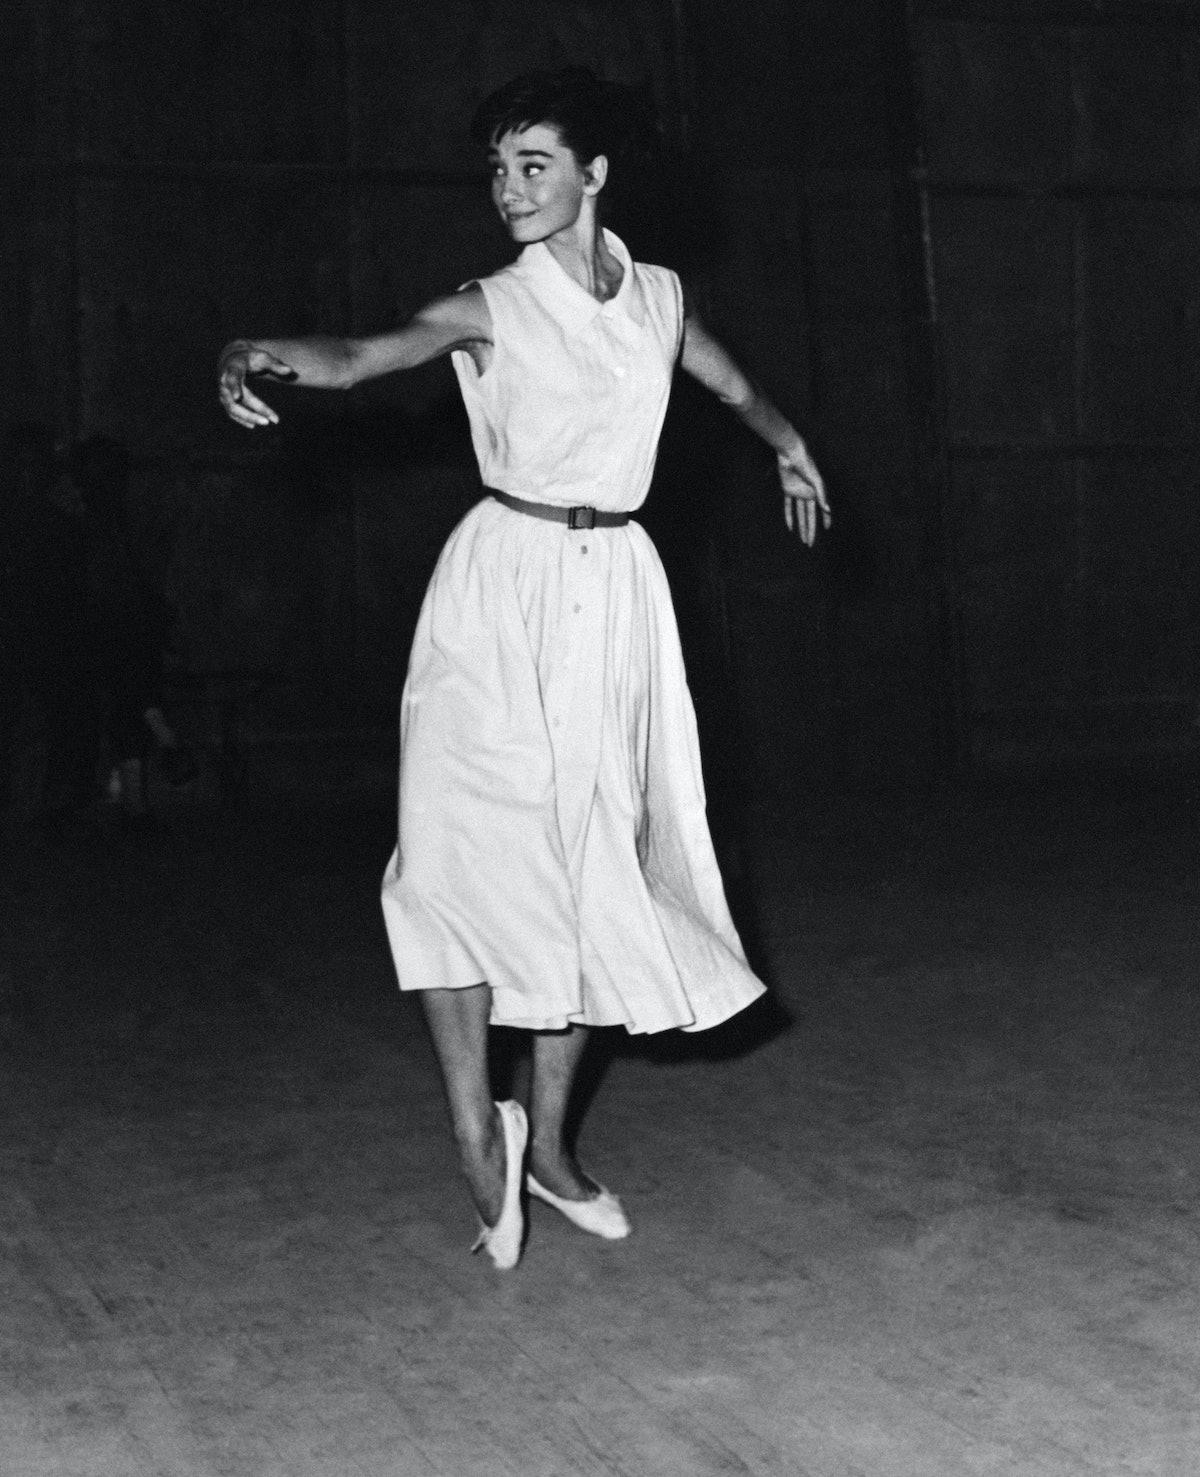 Audrey Hepburn in flats